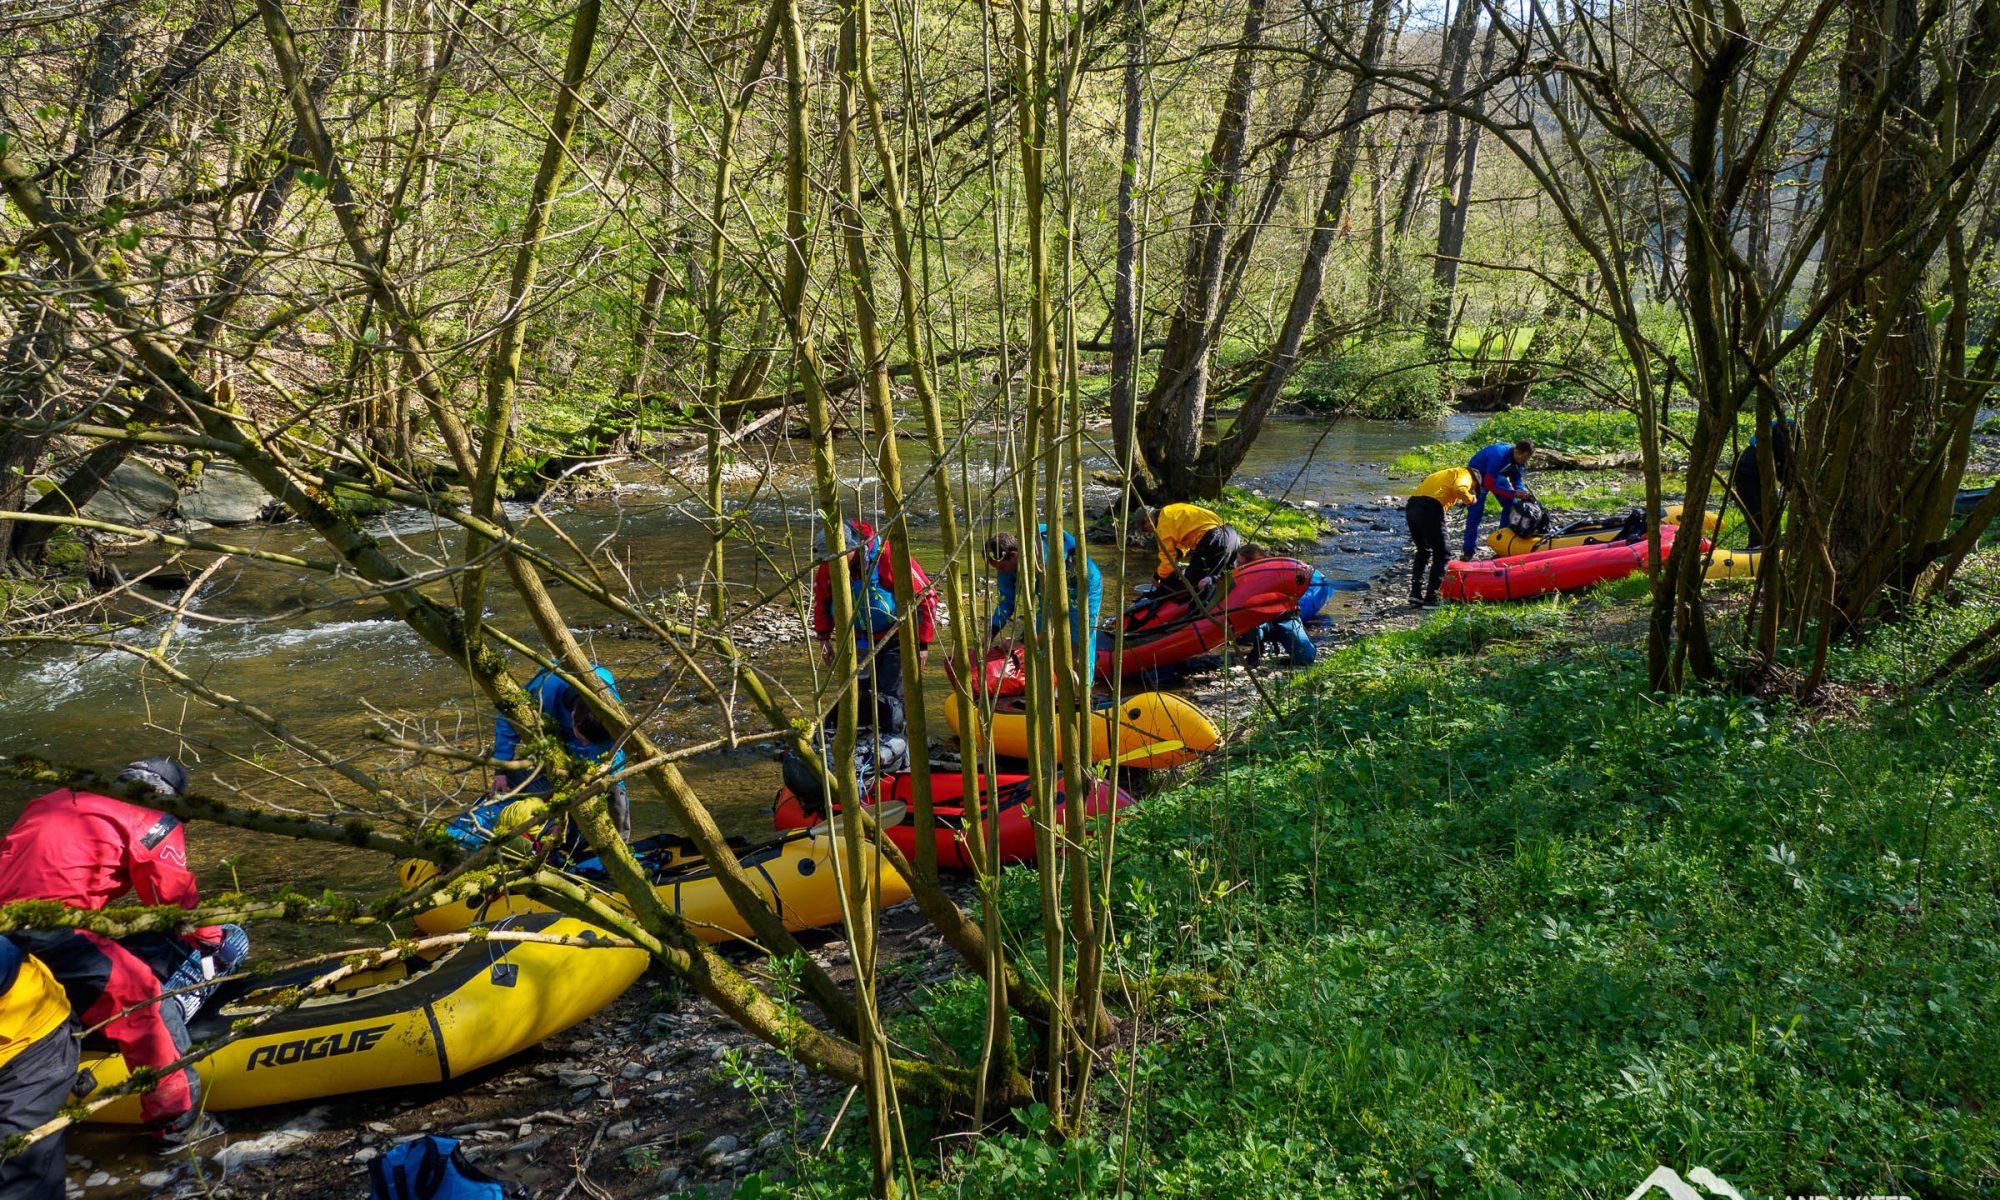 Frühling an den Hunsrückbächen © Land Water Adventures